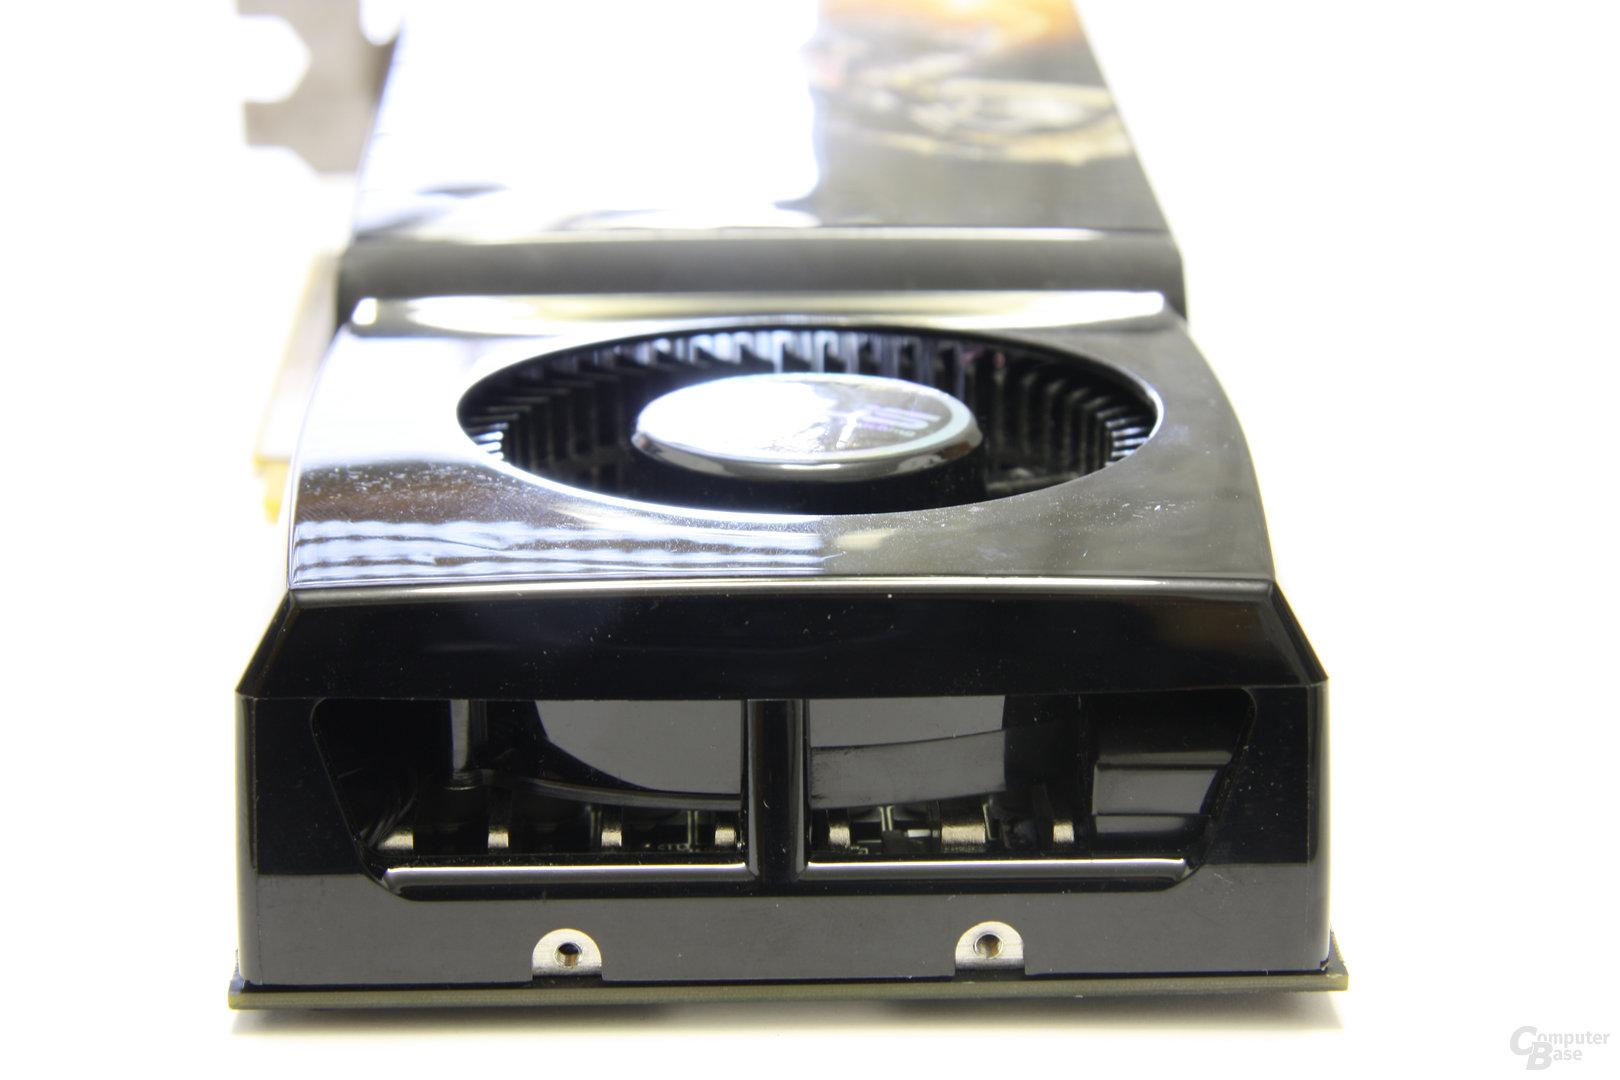 Asus GeForce GTX 285 TOP von hinten